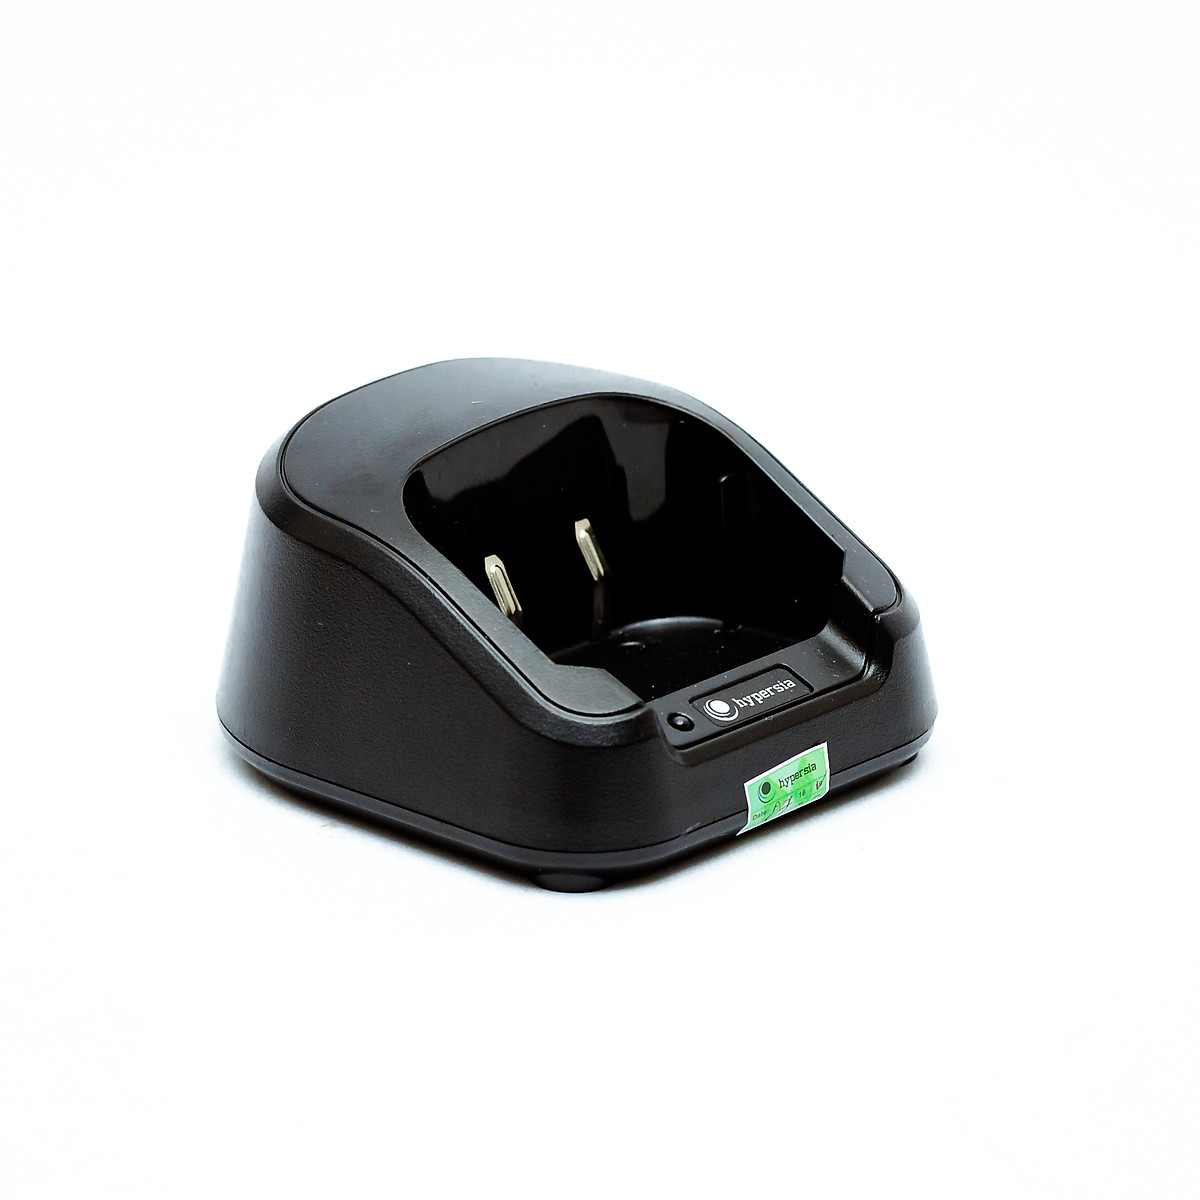 Cốc, đế sạc không dây dùng cho máy bộ đàm Hypersia A2, phụ kiện bộ đàm chính hãng.